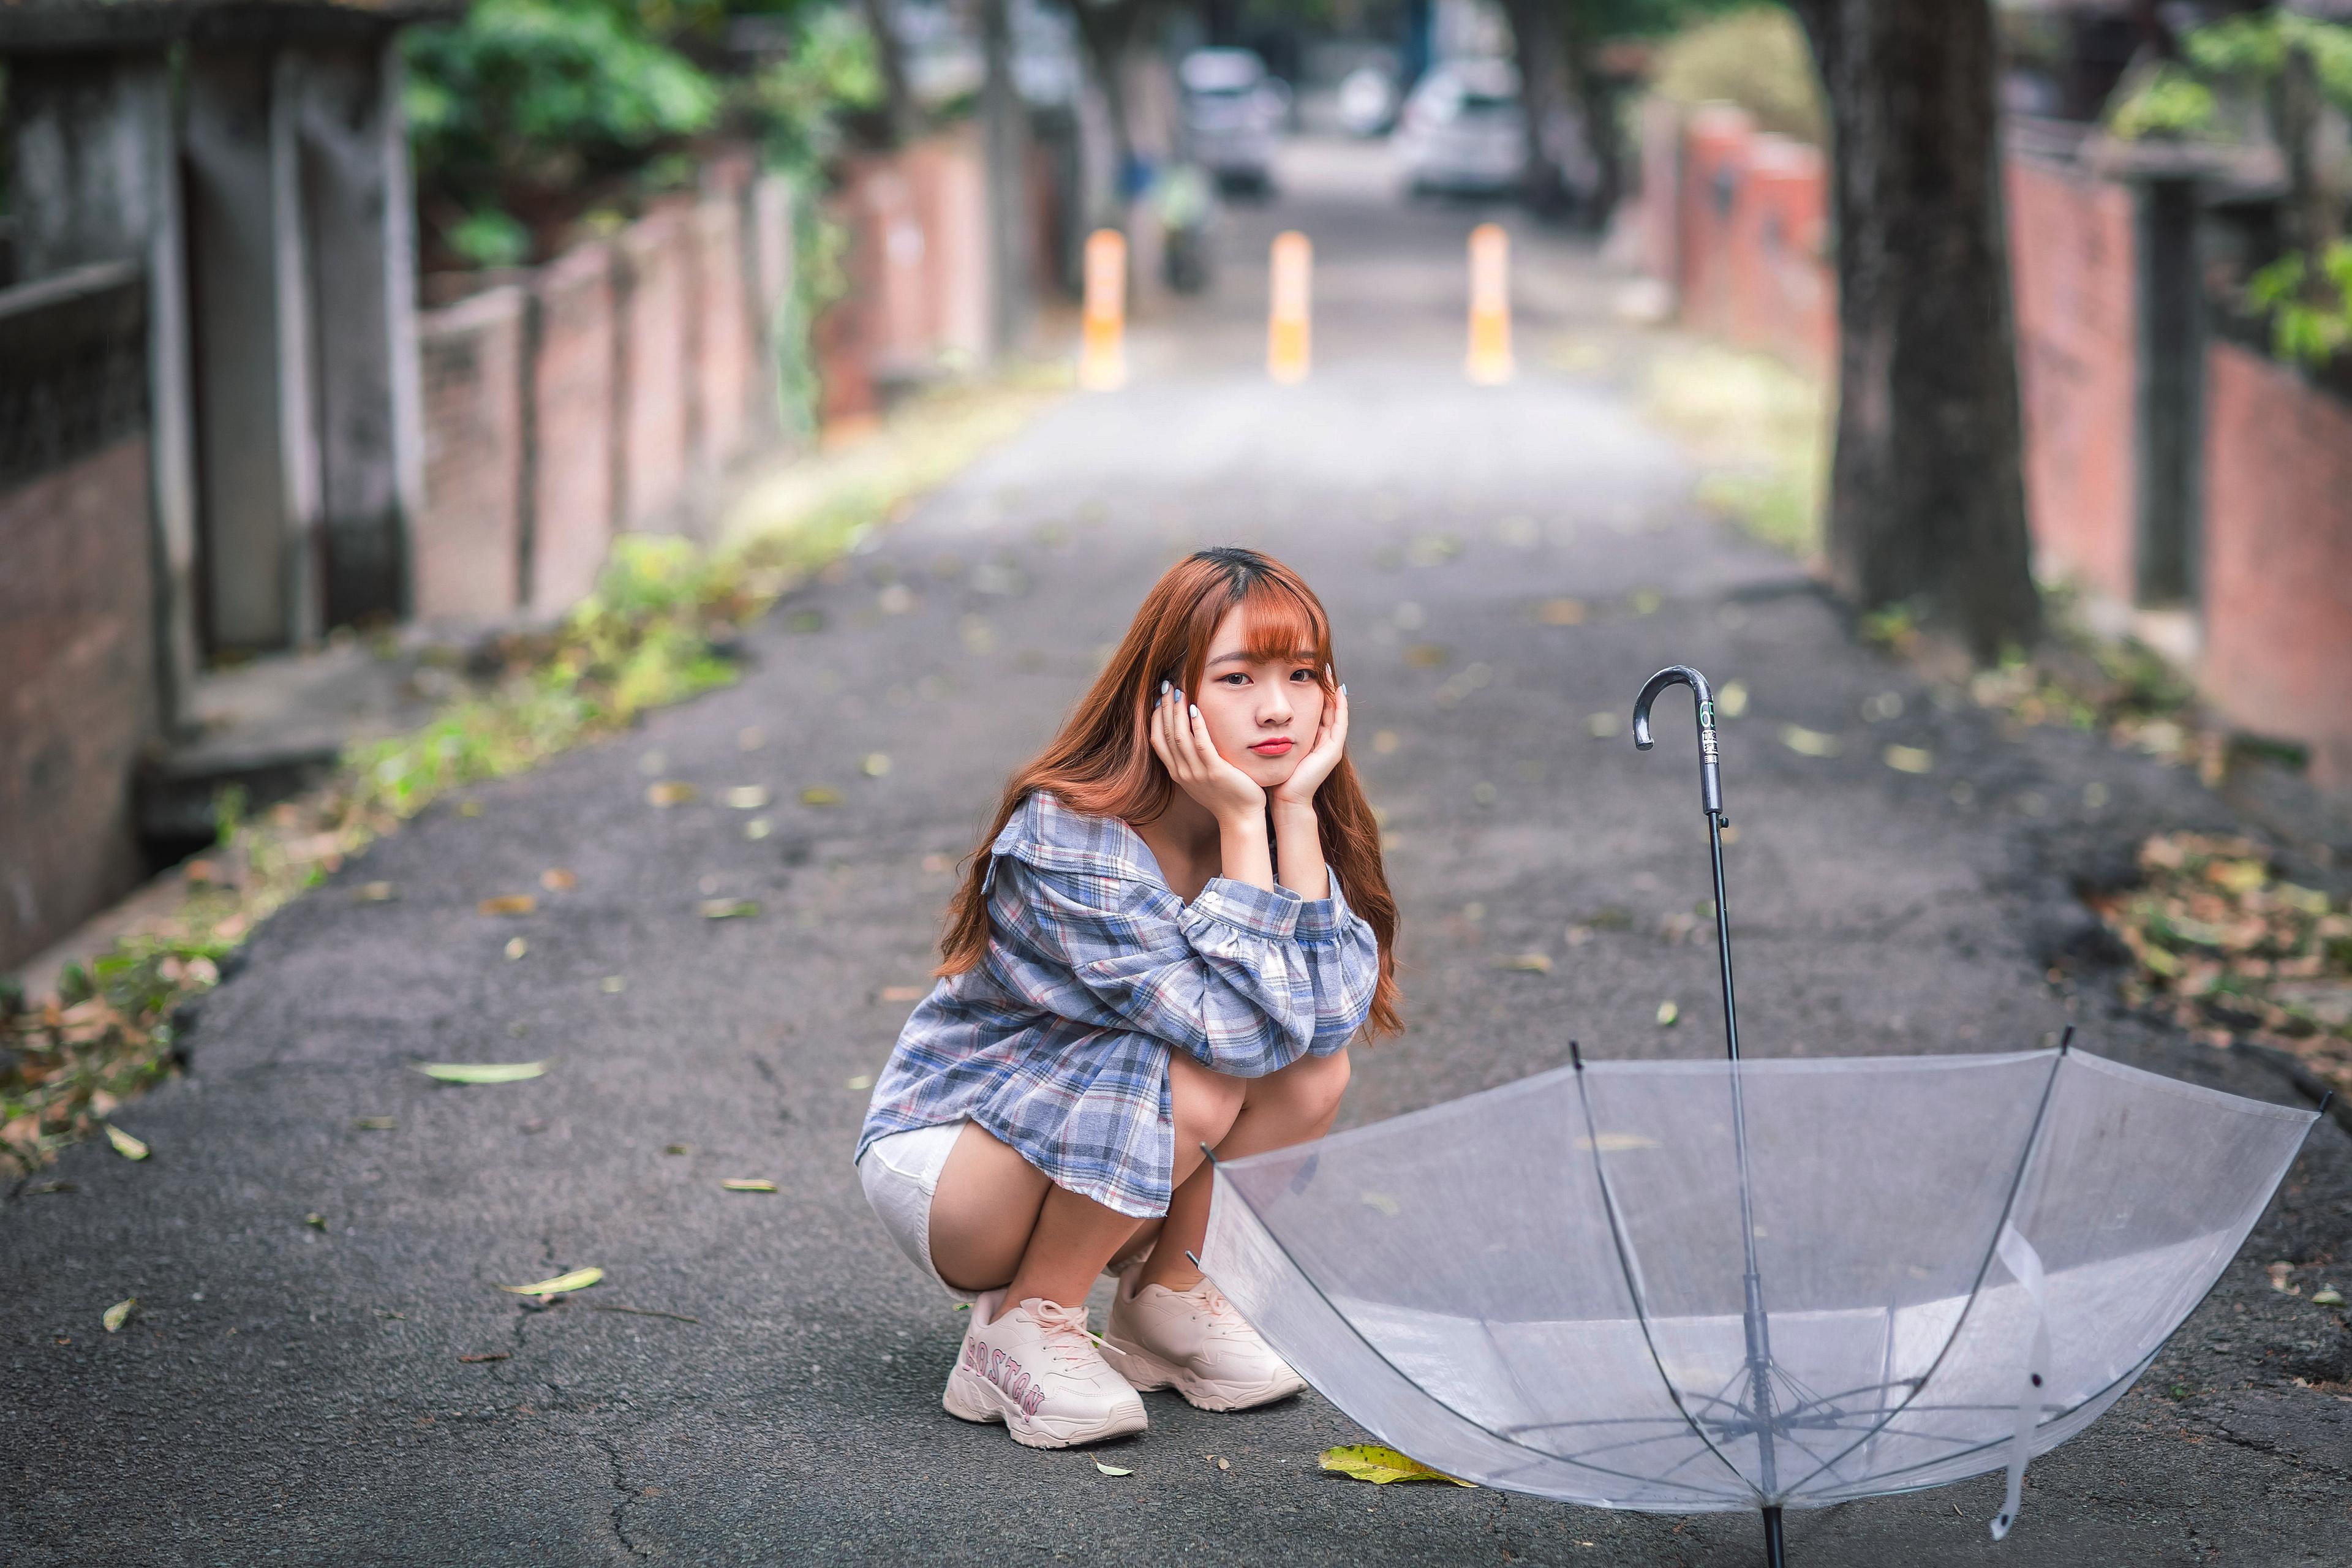 3840x2560 Asiatique S'asseyant Parapluie Bokeh jeune femme, jeunes femmes, asiatiques, assise, assis, assises, arrière-plan flou Filles